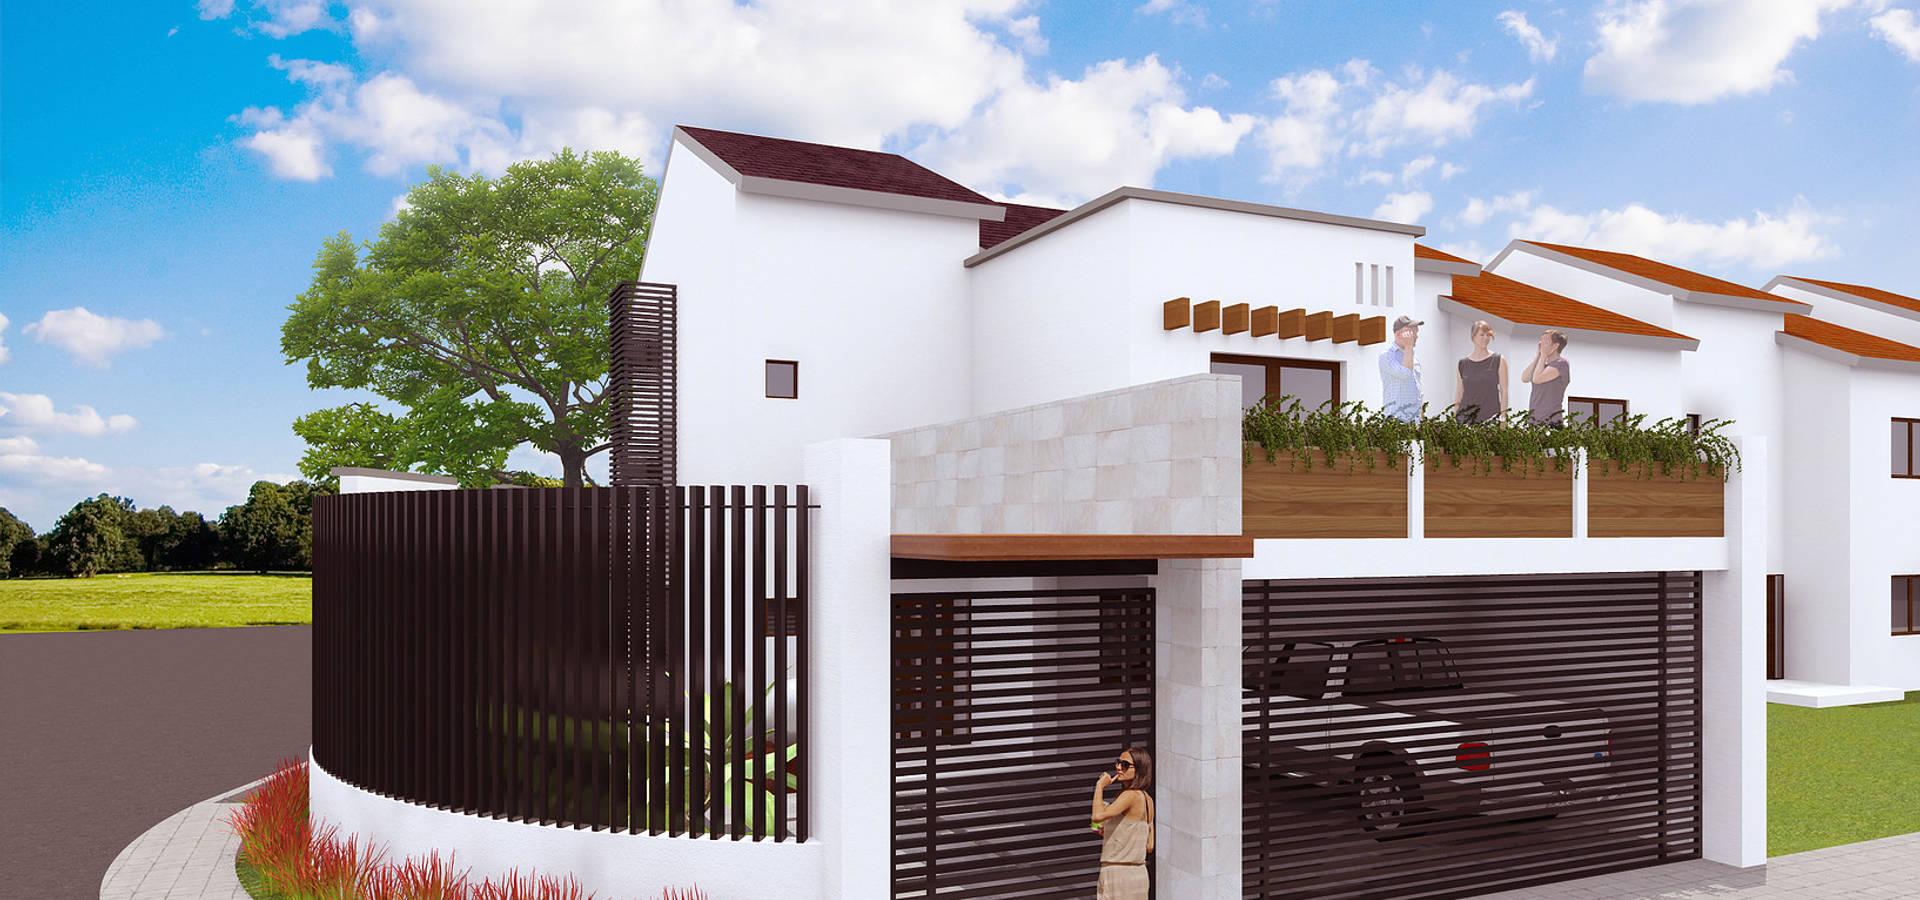 Proyecta Taller de Arquitectura